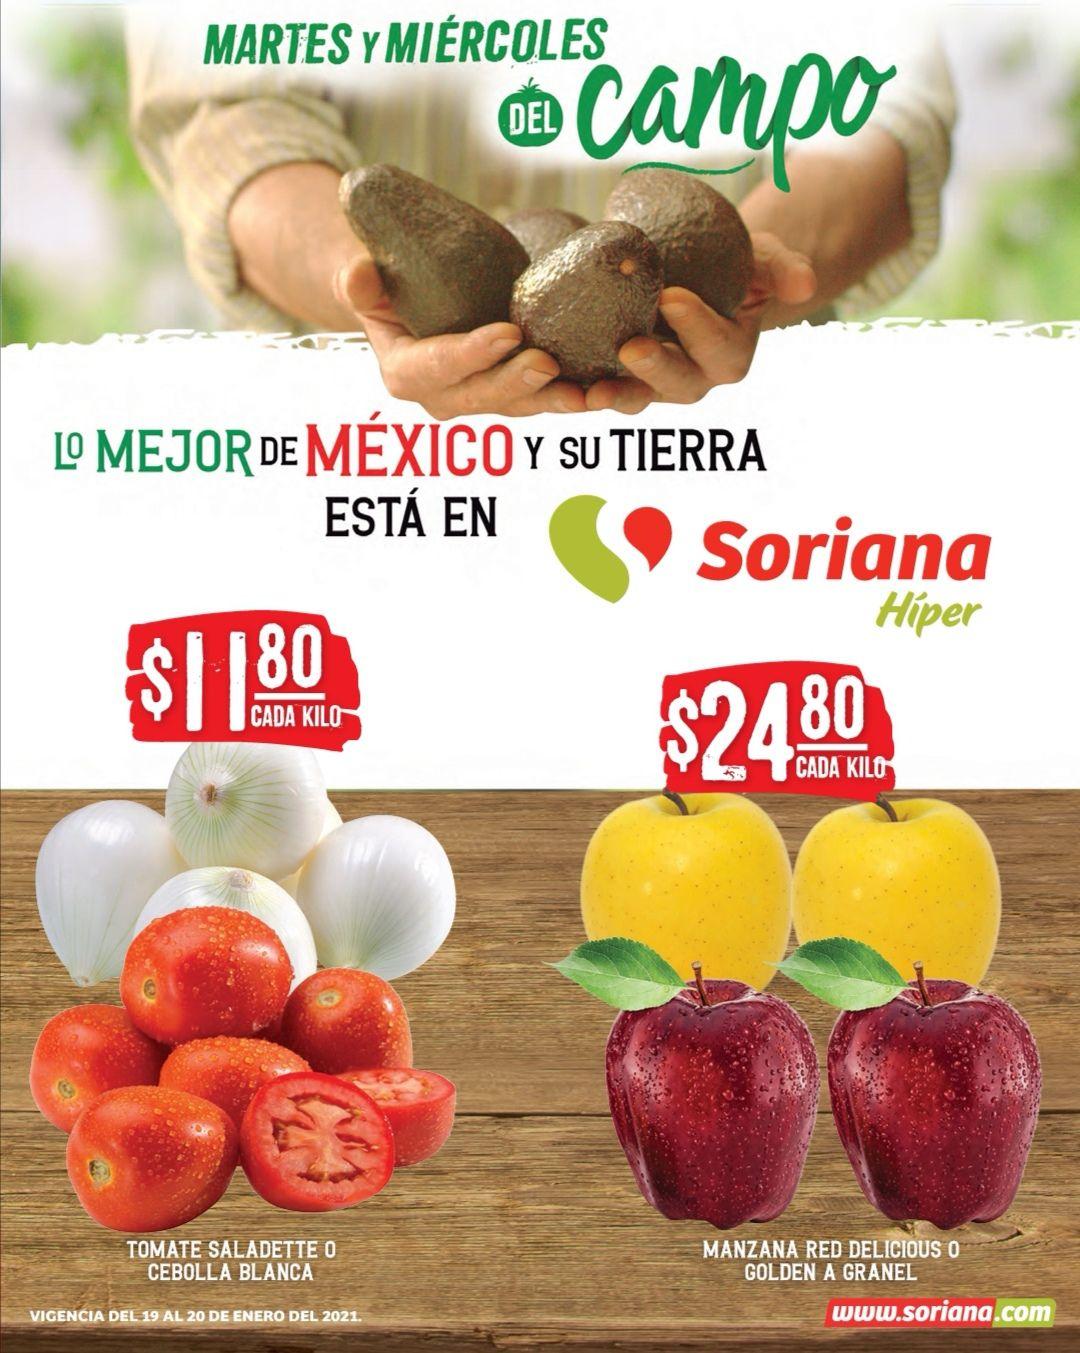 Soriana Híper y Súper: Martes y Miércoles del Campo 19 y 20 Enero: Jitomate ó Cebolla $11.80 kg... Manzana Red ó Golden $24.80 kg.